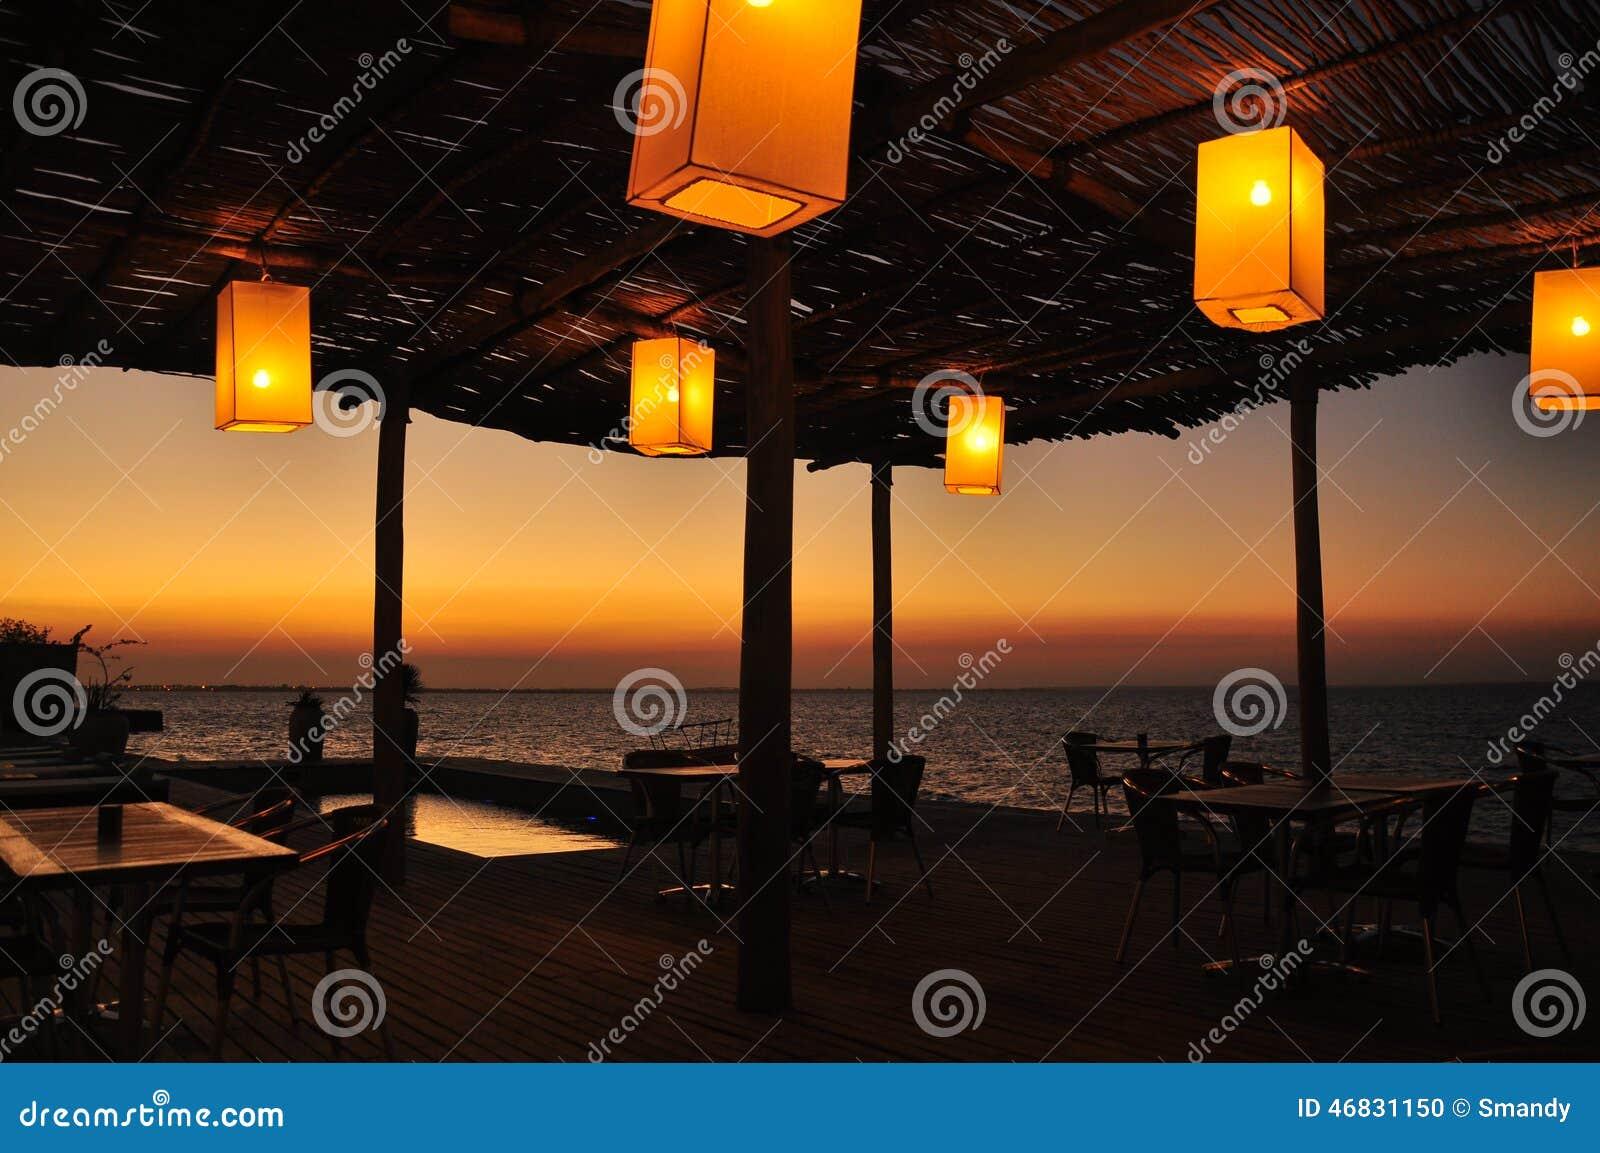 Chinesische Laternen Auf Terrasse Durch Das Meer Stockfoto - Bild ...